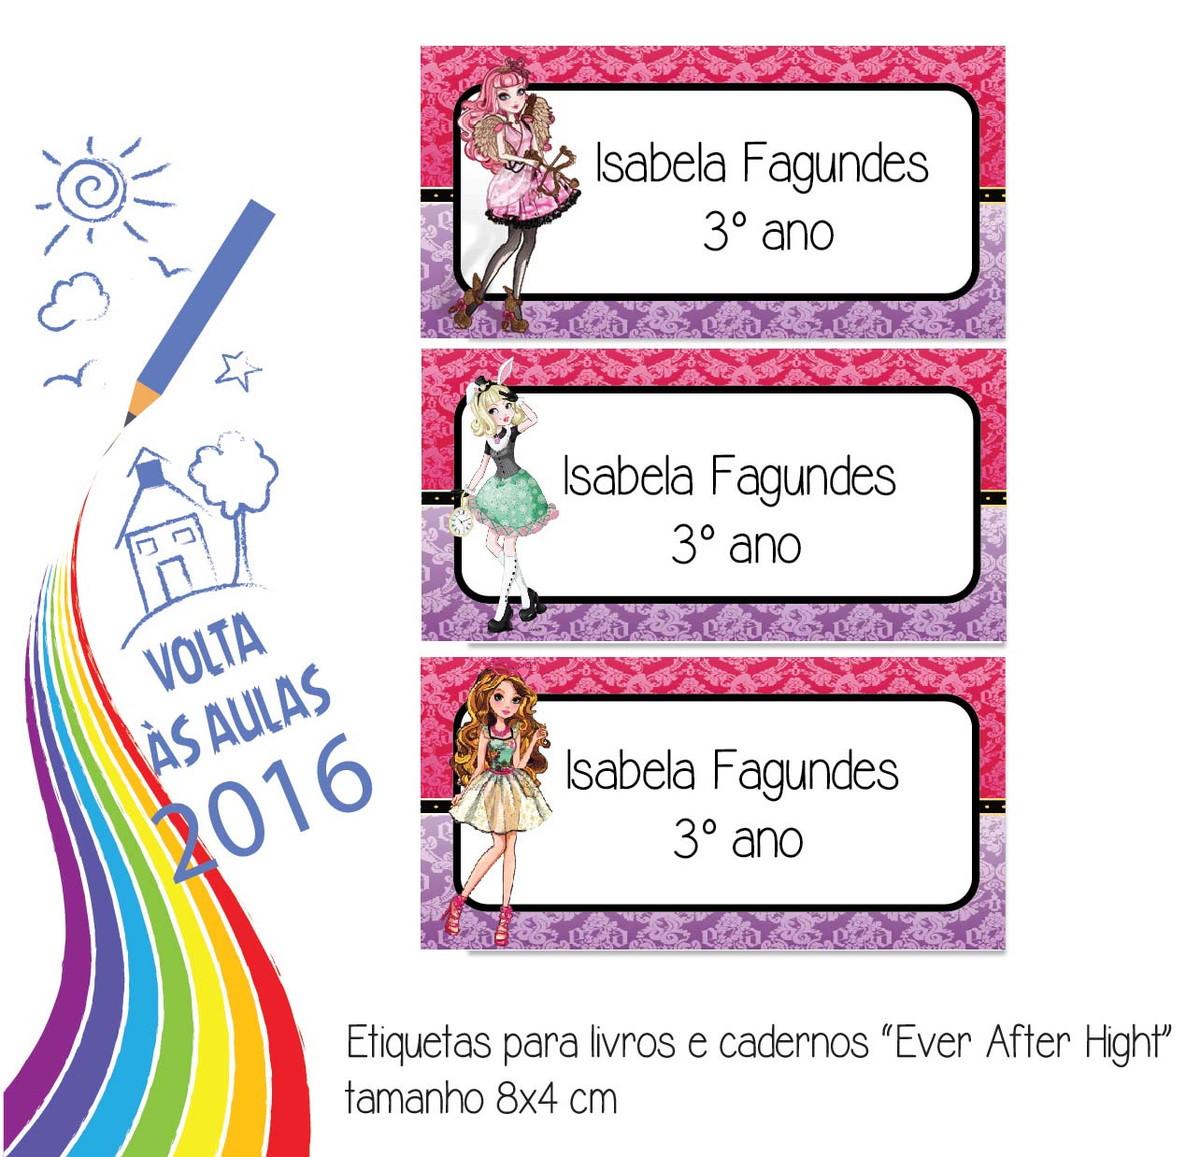 ... etiquetas-para-cadernos-frozen etiqueta-escolar-frozen-etiquetas-para